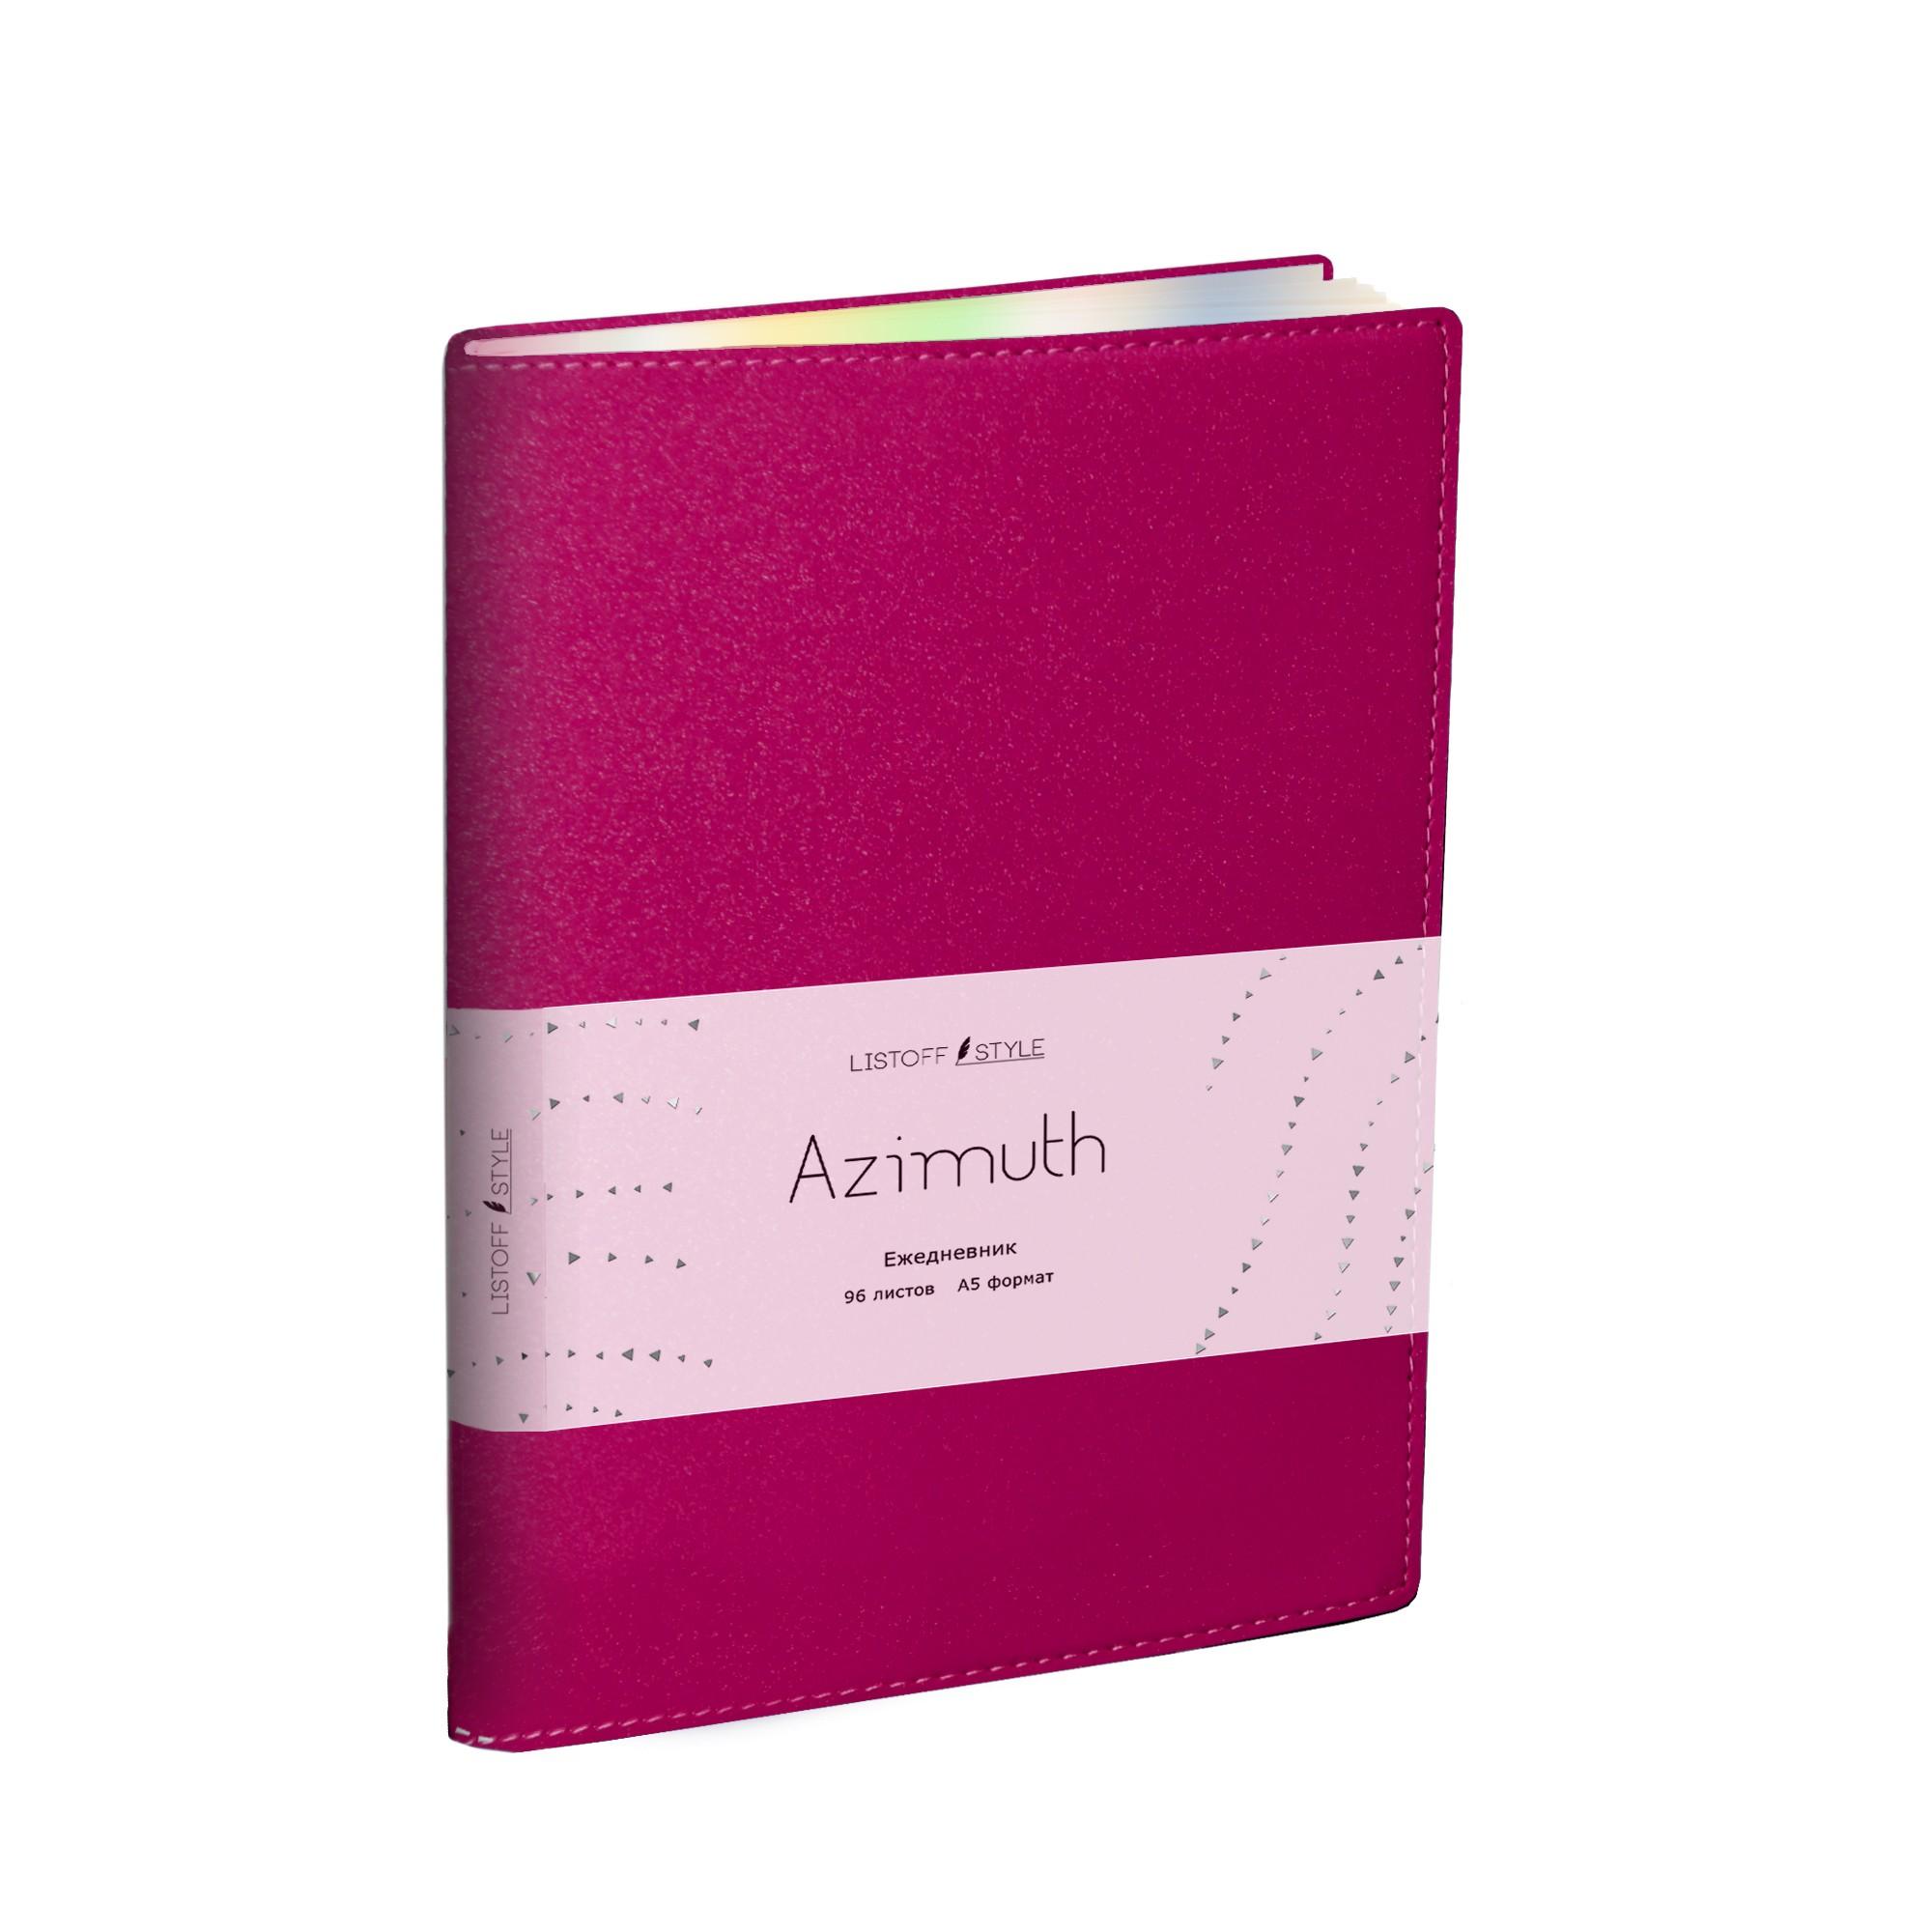 Ежедневник А5 Azimuth. 1 розовый